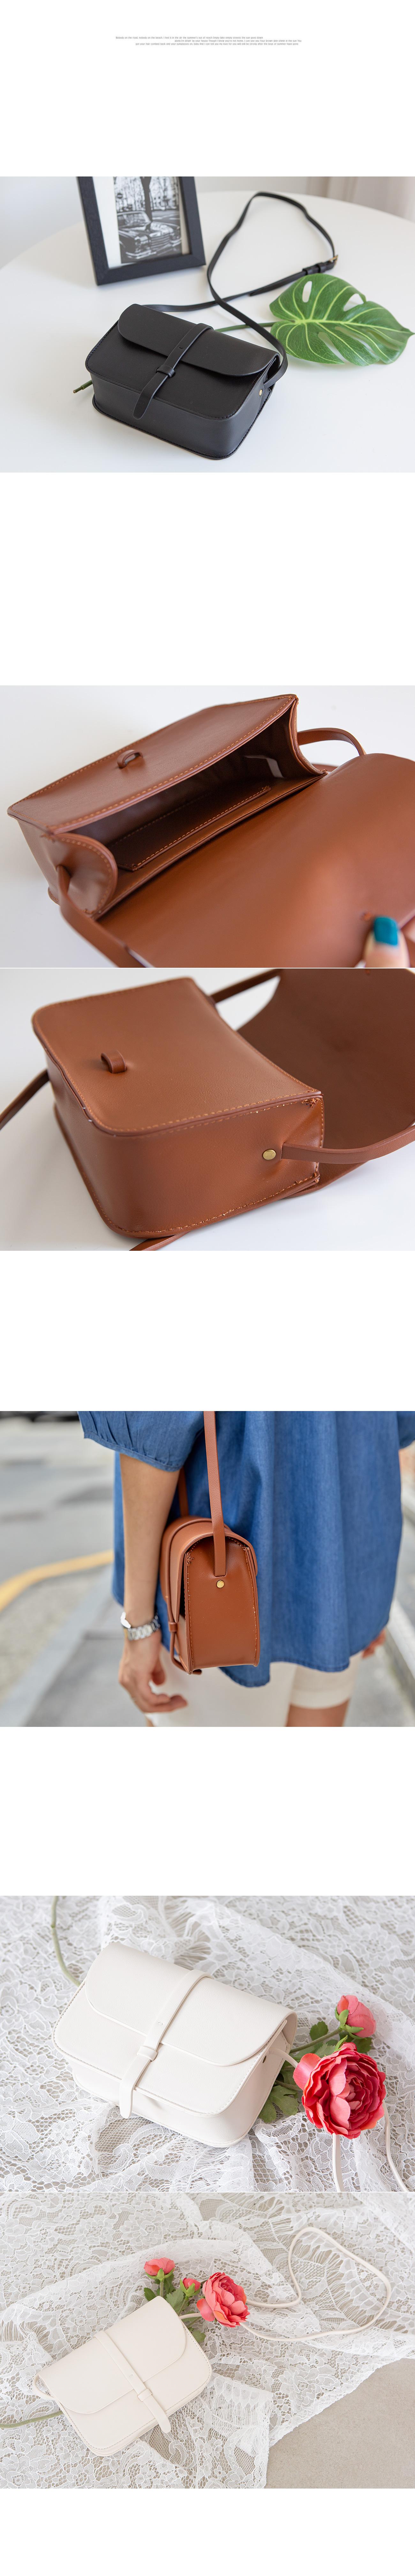 Mini Satchel Bag #86255